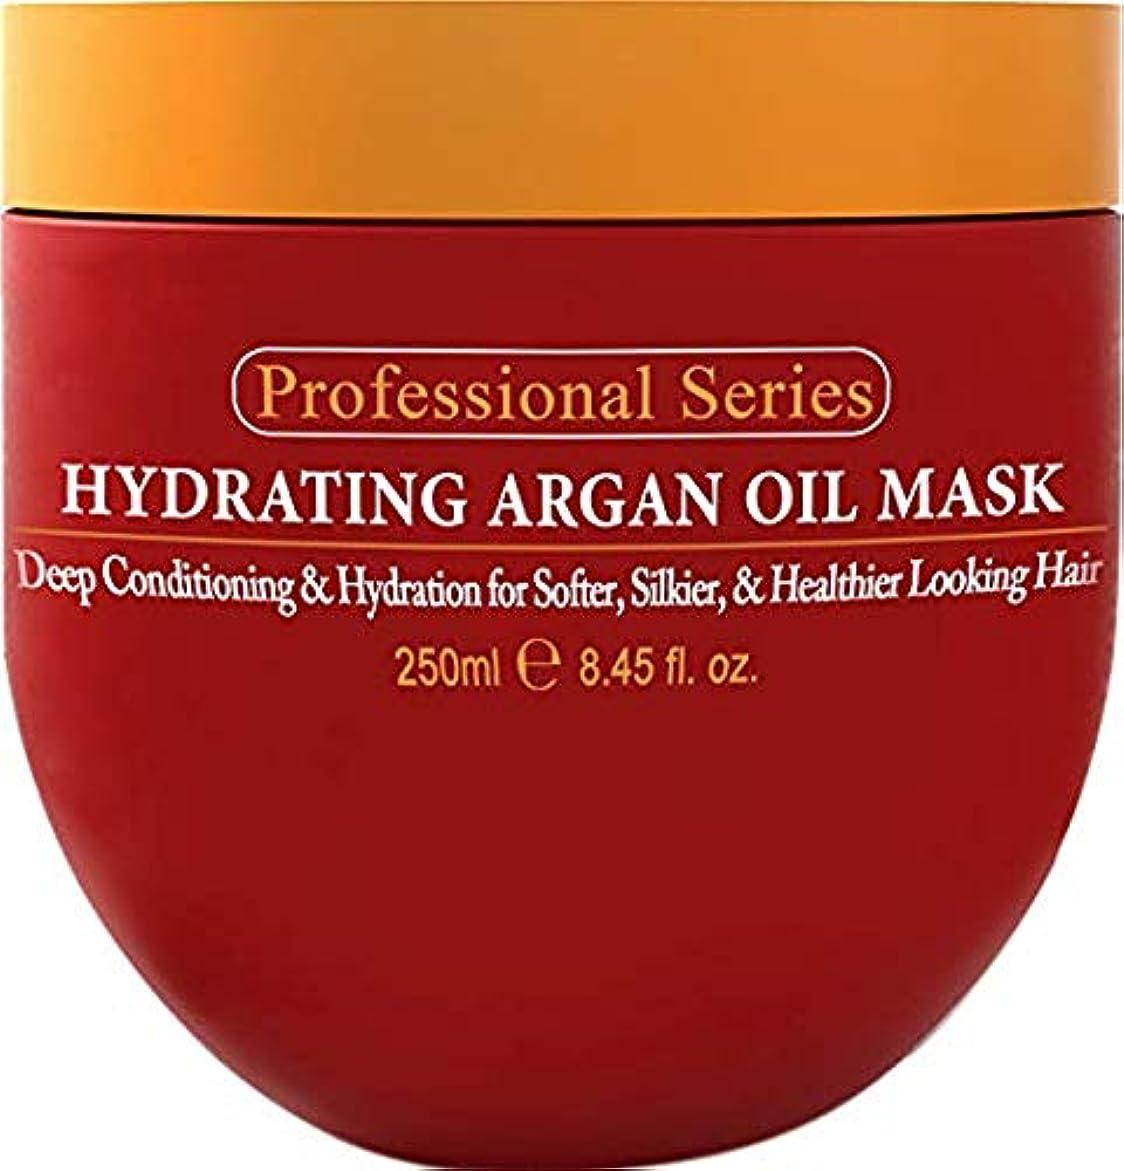 相対サイズ振るジャンクションアルガンオイルヘアマスク Hydrating Argan Oil Hair Mask and Deep Conditioner 8.45 Oz 250ml 海外直送品 [並行輸入品]